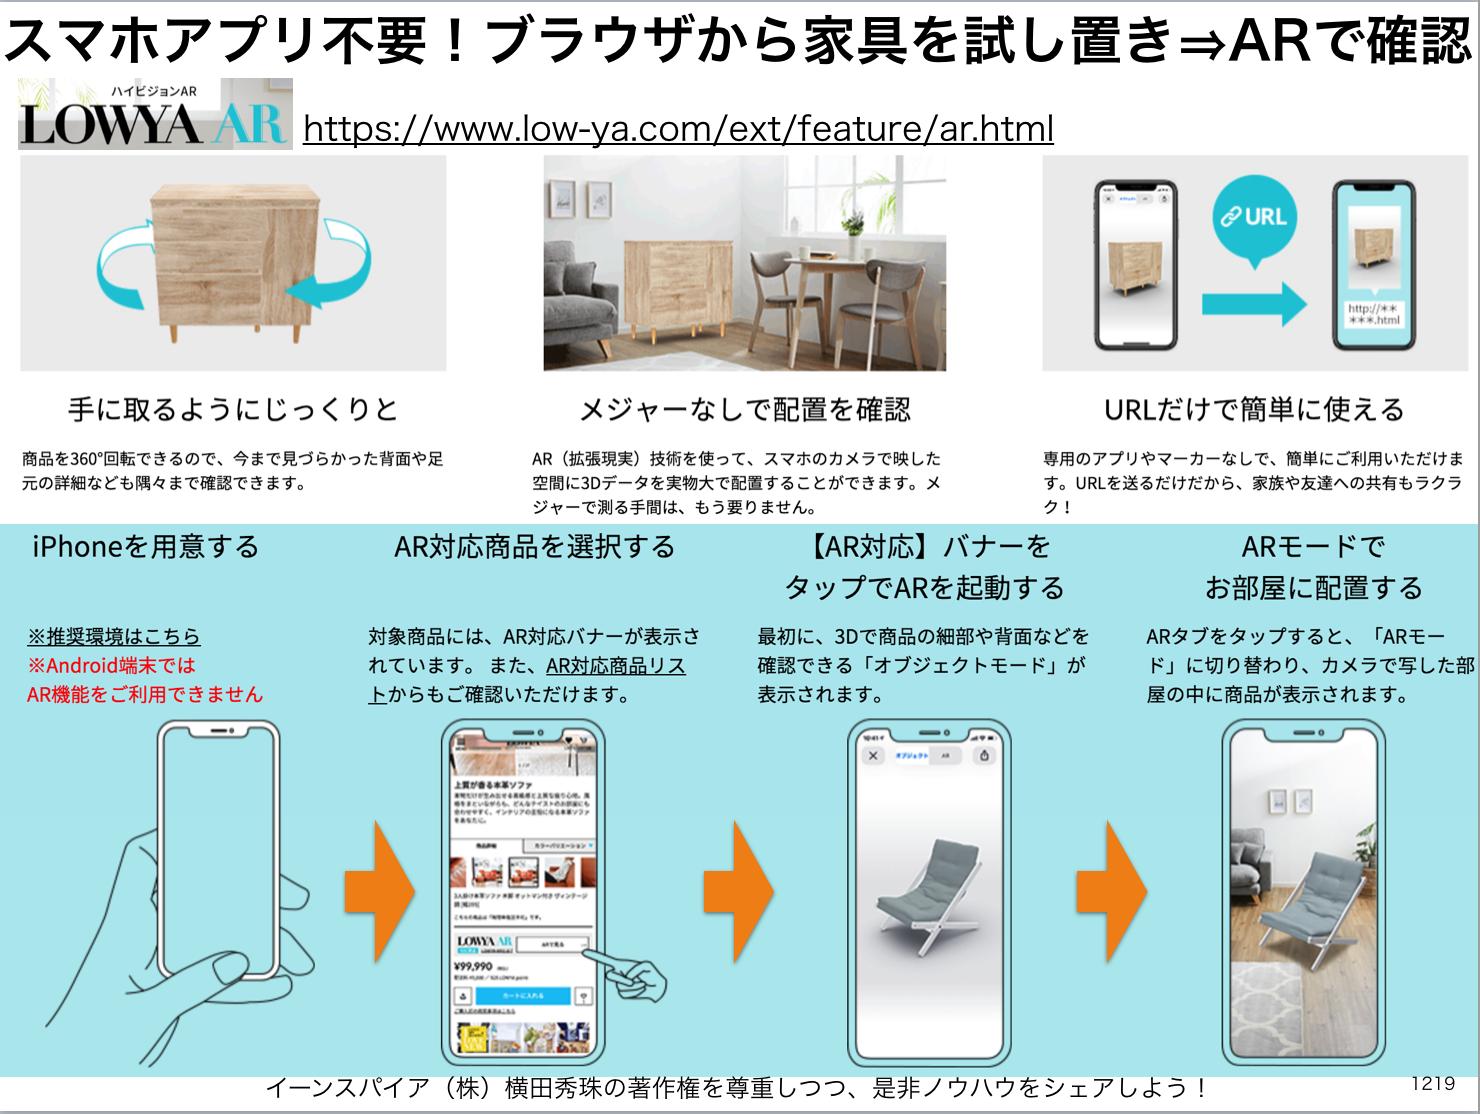 スマホアプリ不要!ブラウザから家具を試し置き⇒ARで確認できるロウヤの「LOWYA AR」